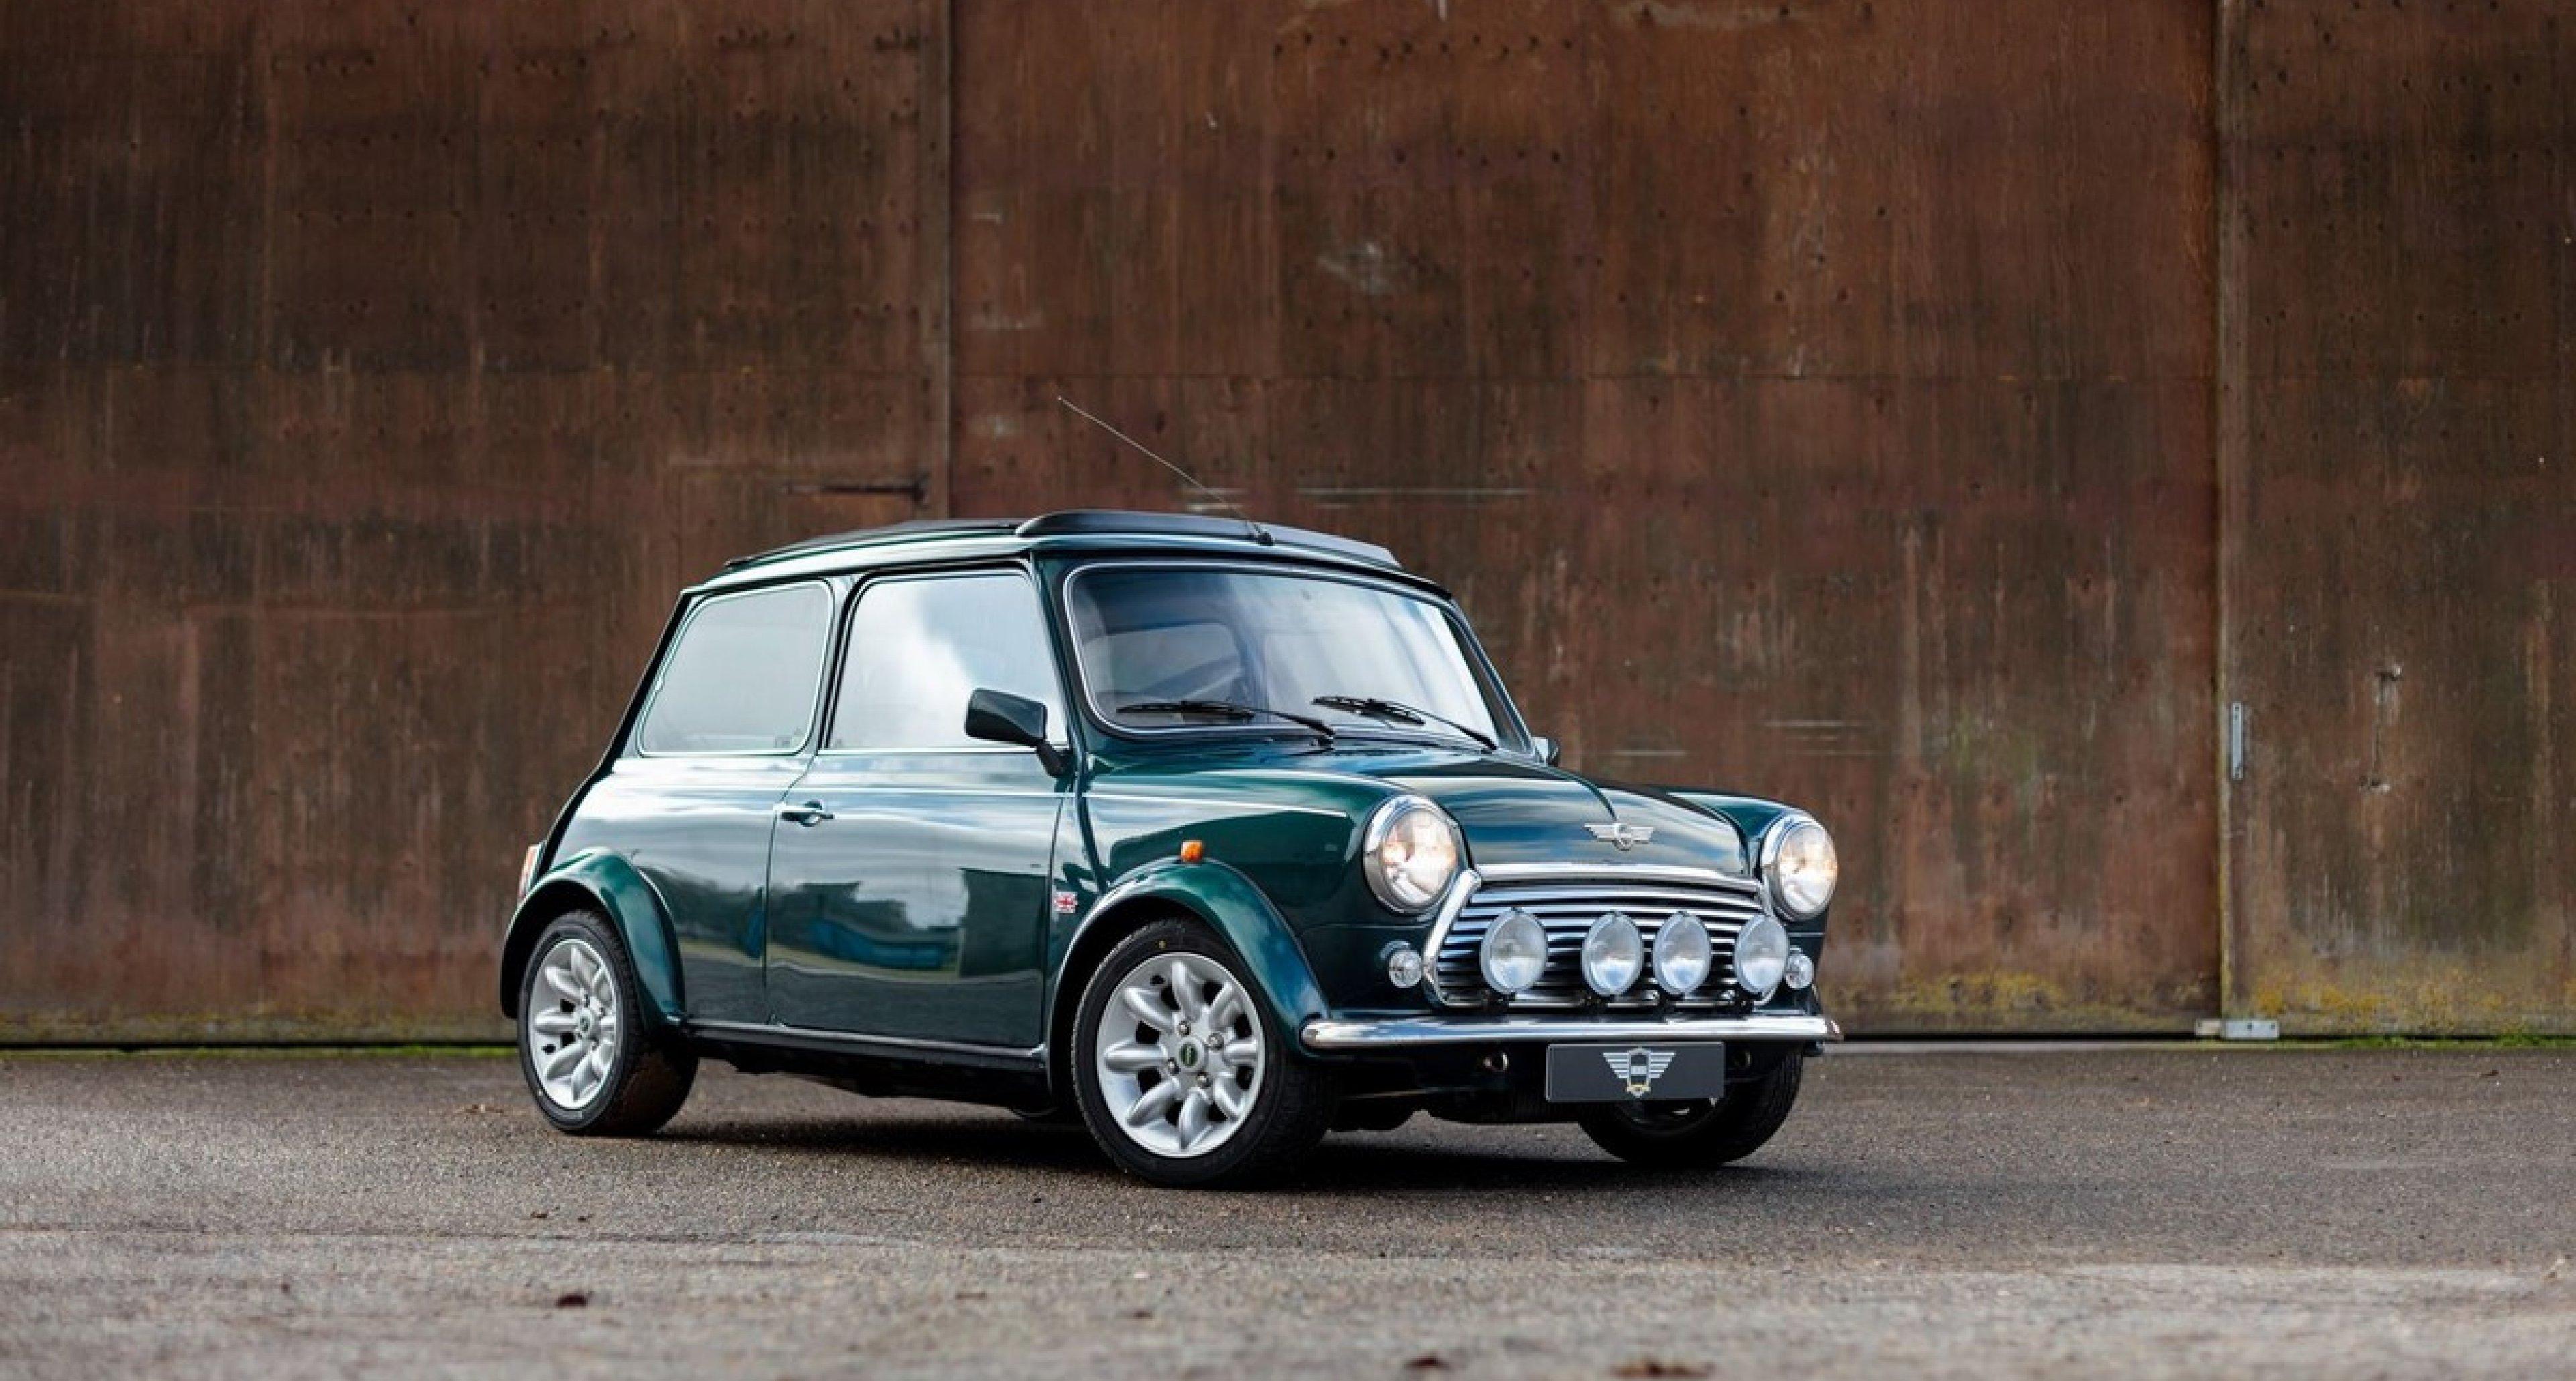 1959 Mini Clic Cooper 1 3 Mpi British